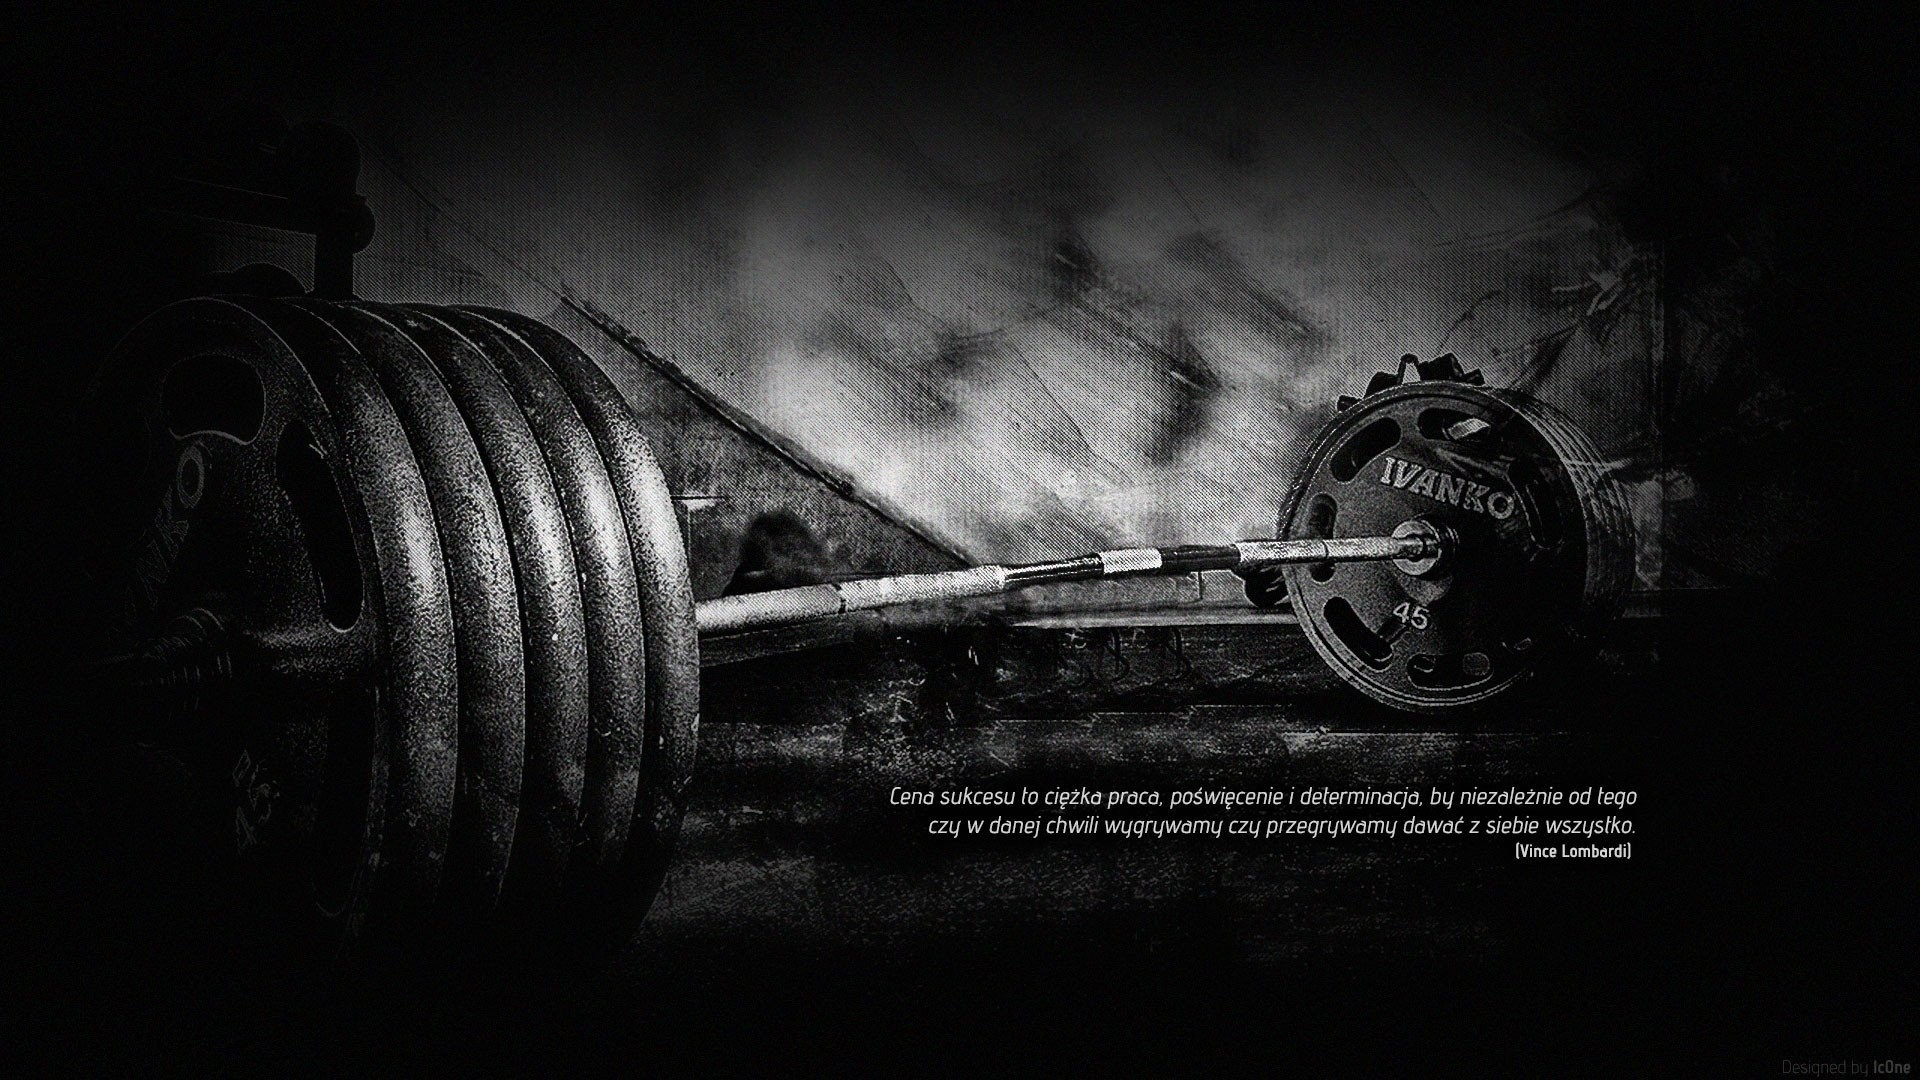 Gym Motivation Wallpaper 83 images